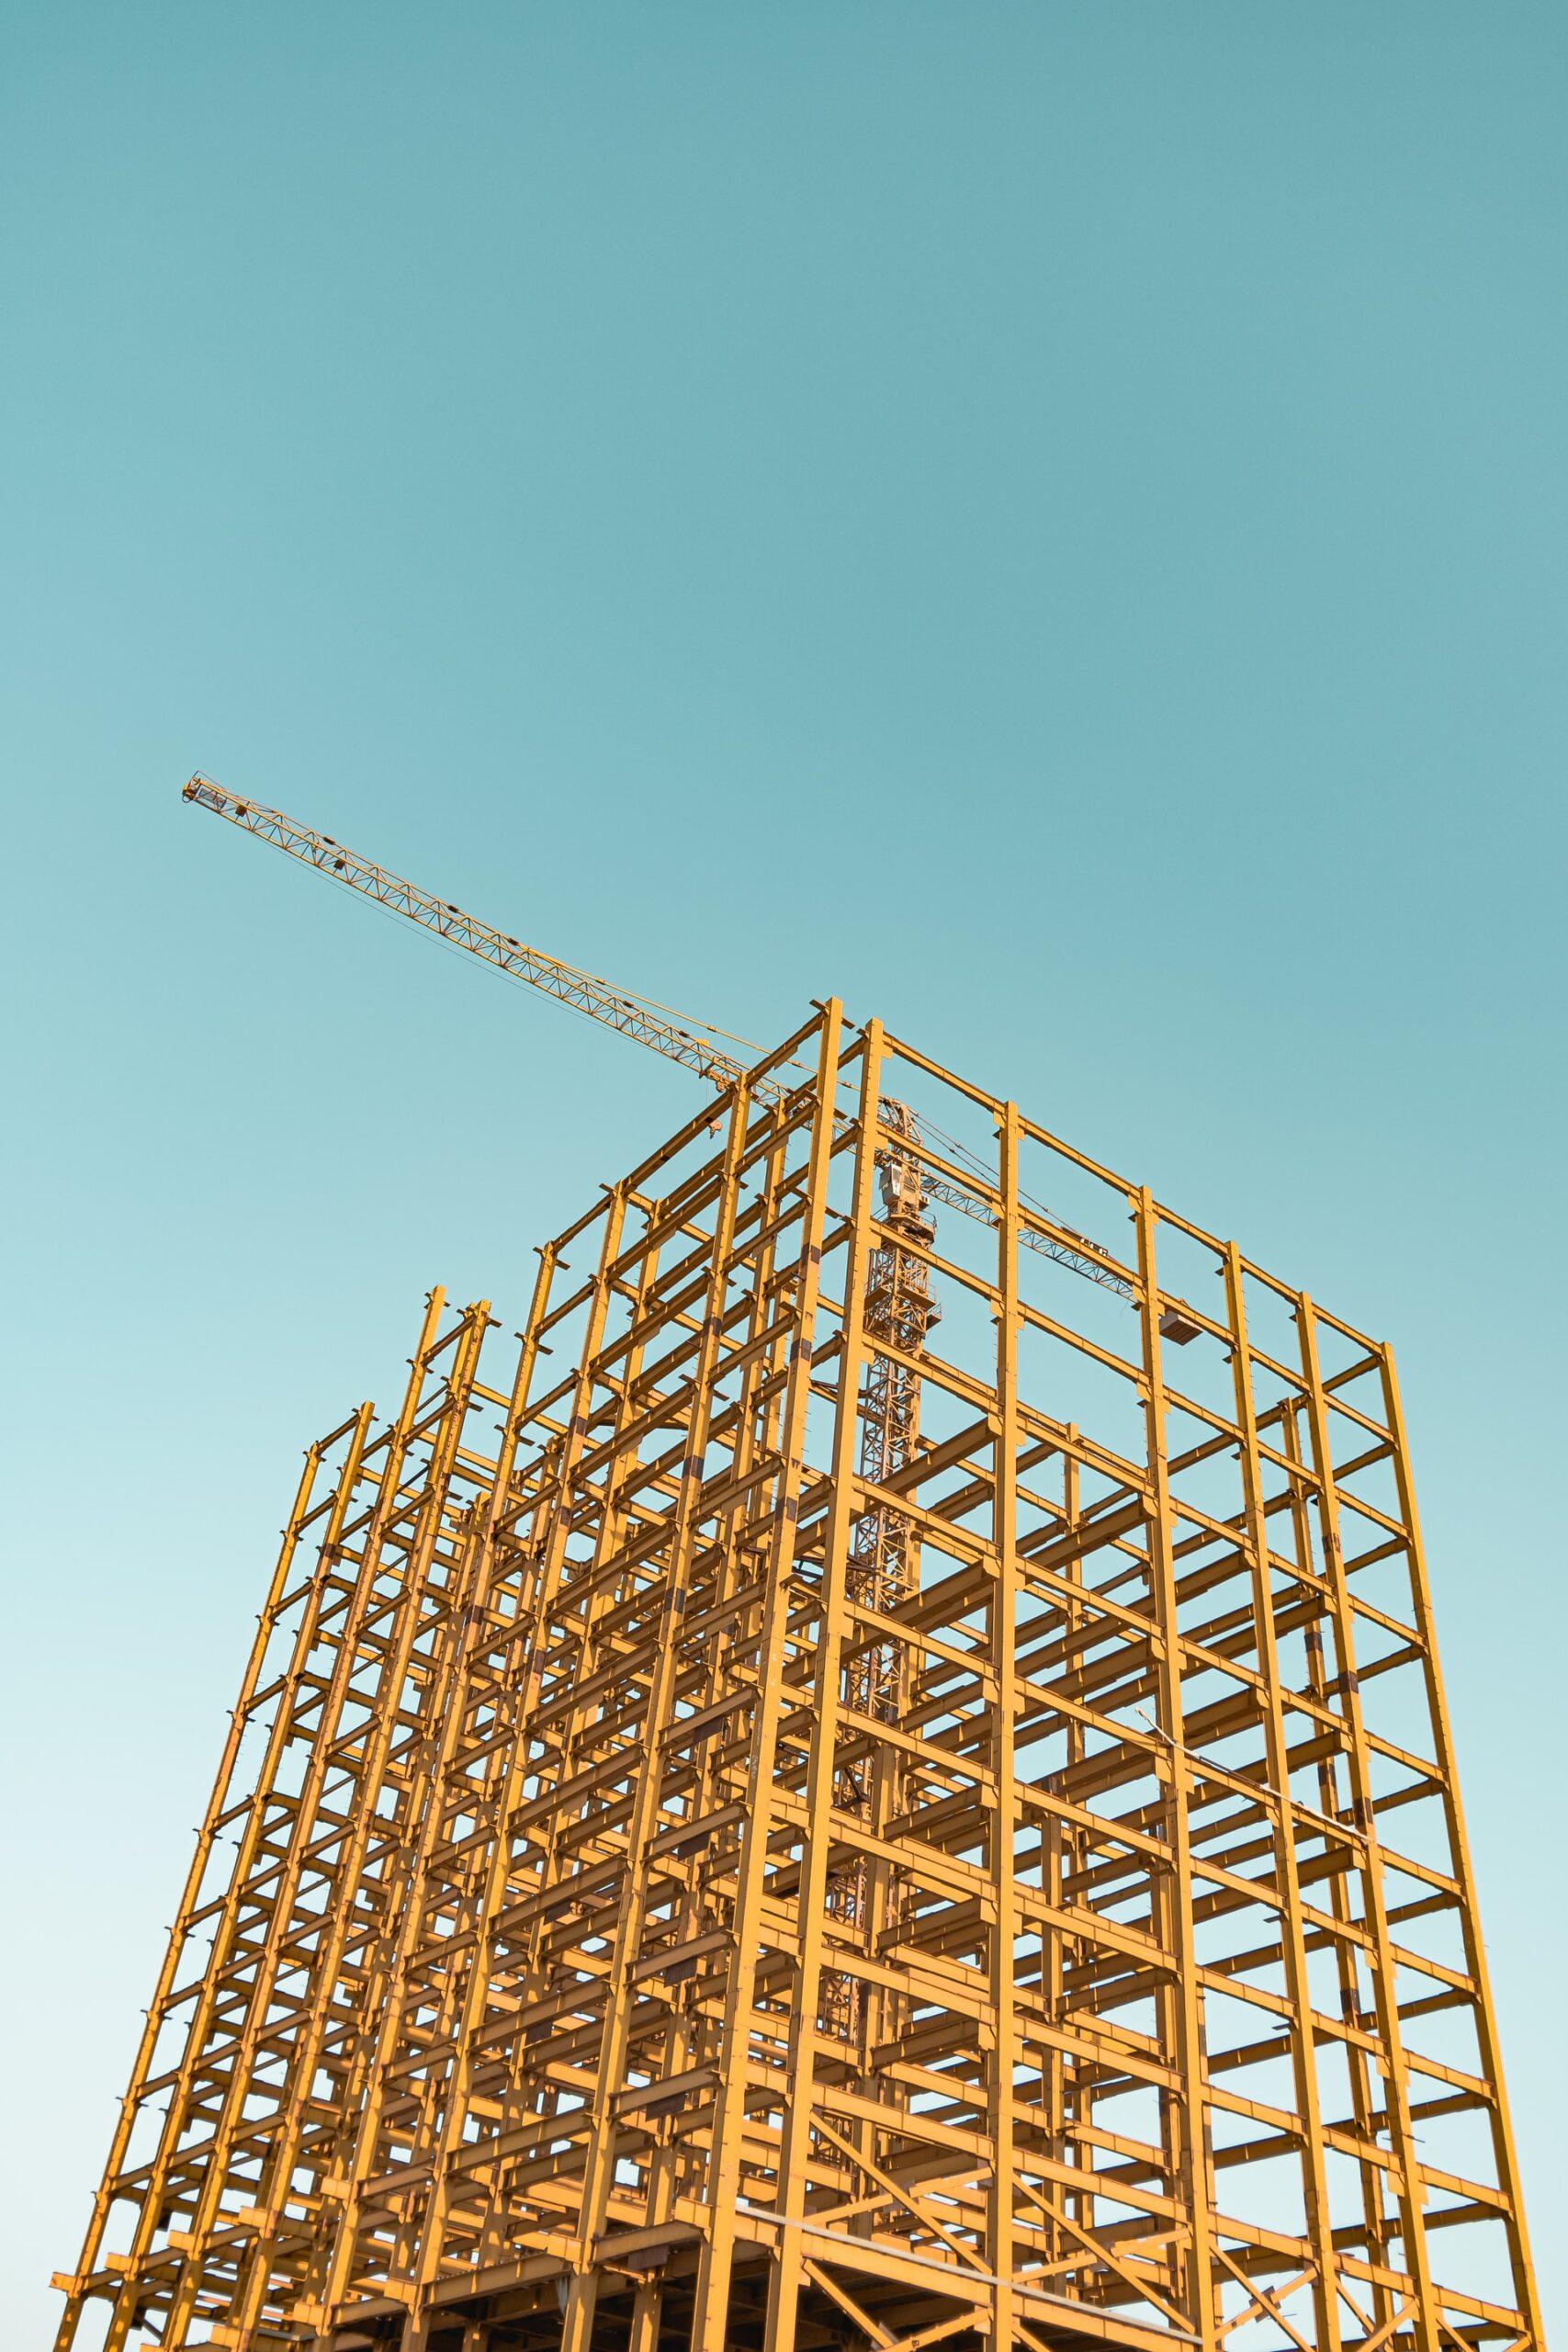 Edificio en construcción con una estructura metálica